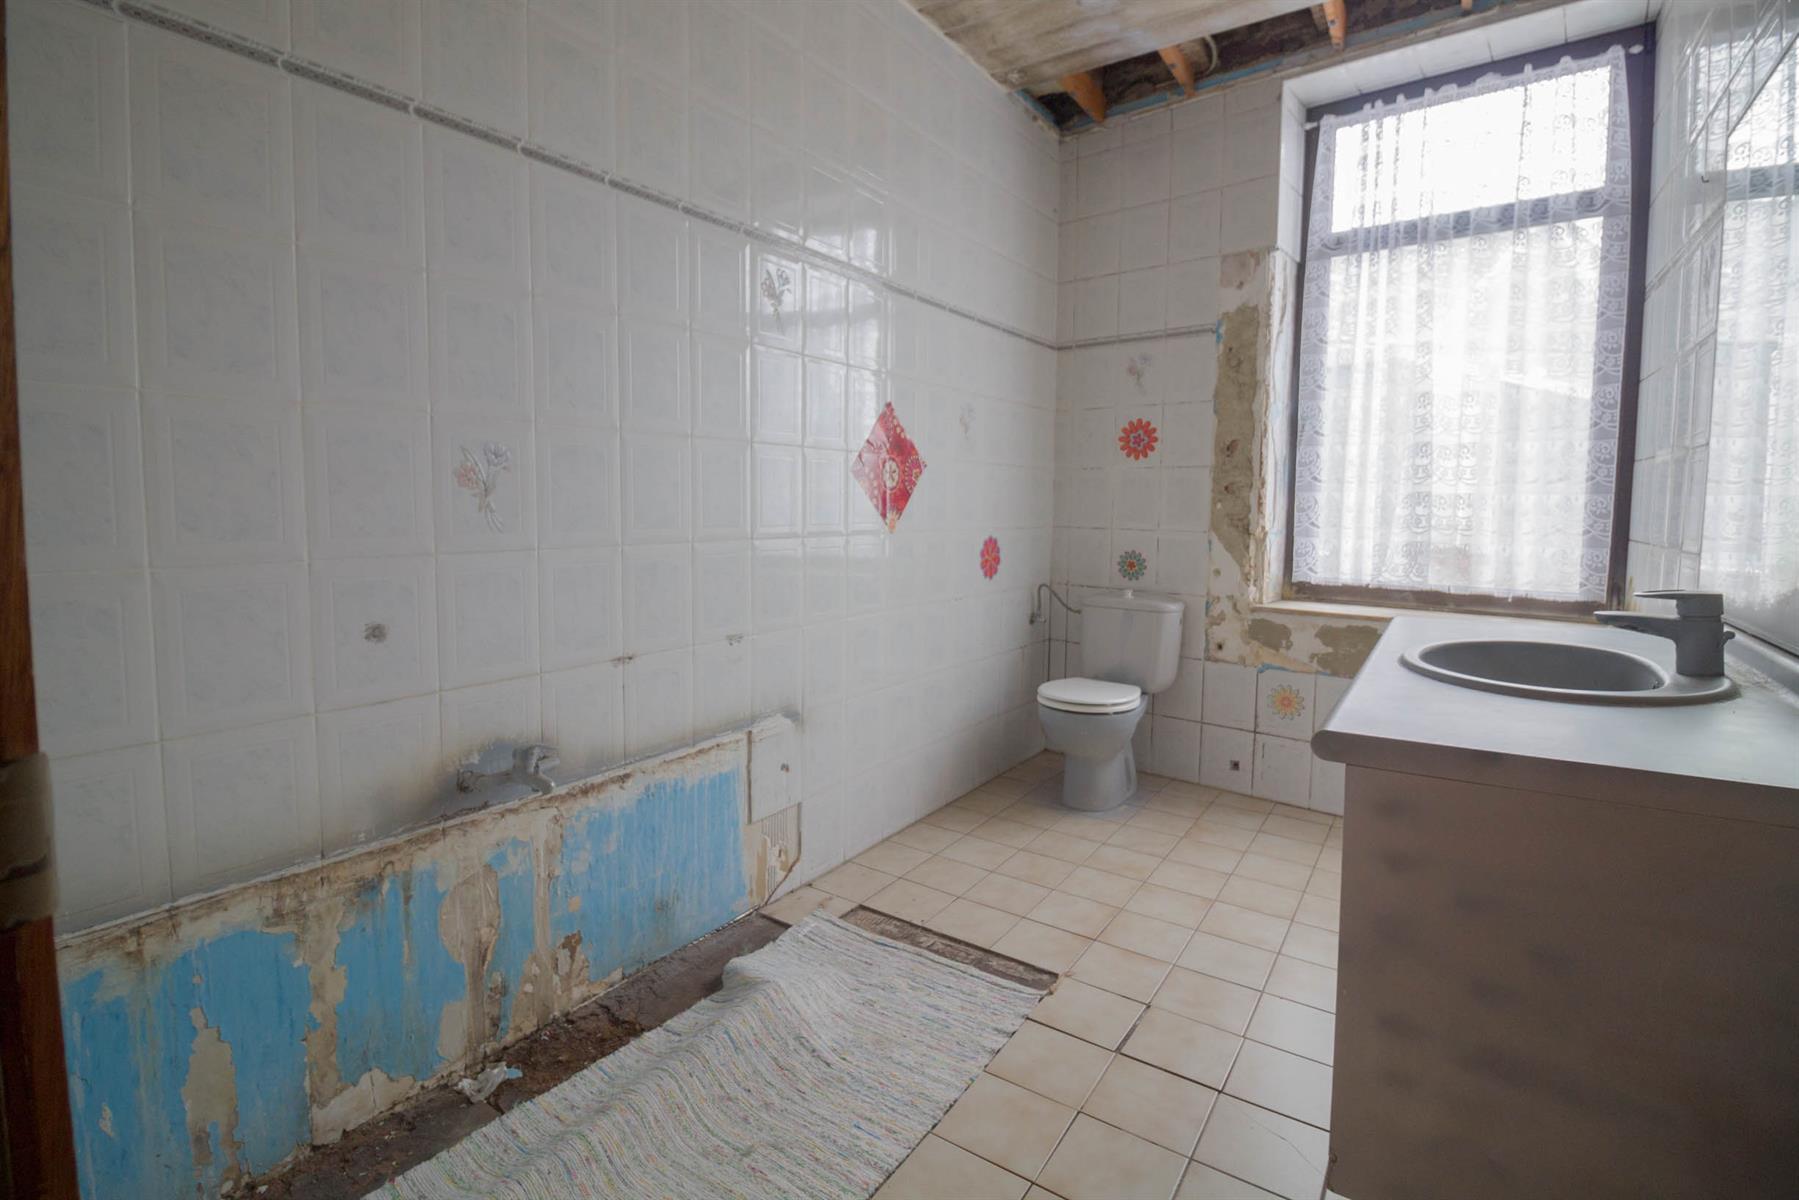 Maison - Trazegnies - #4416665-24